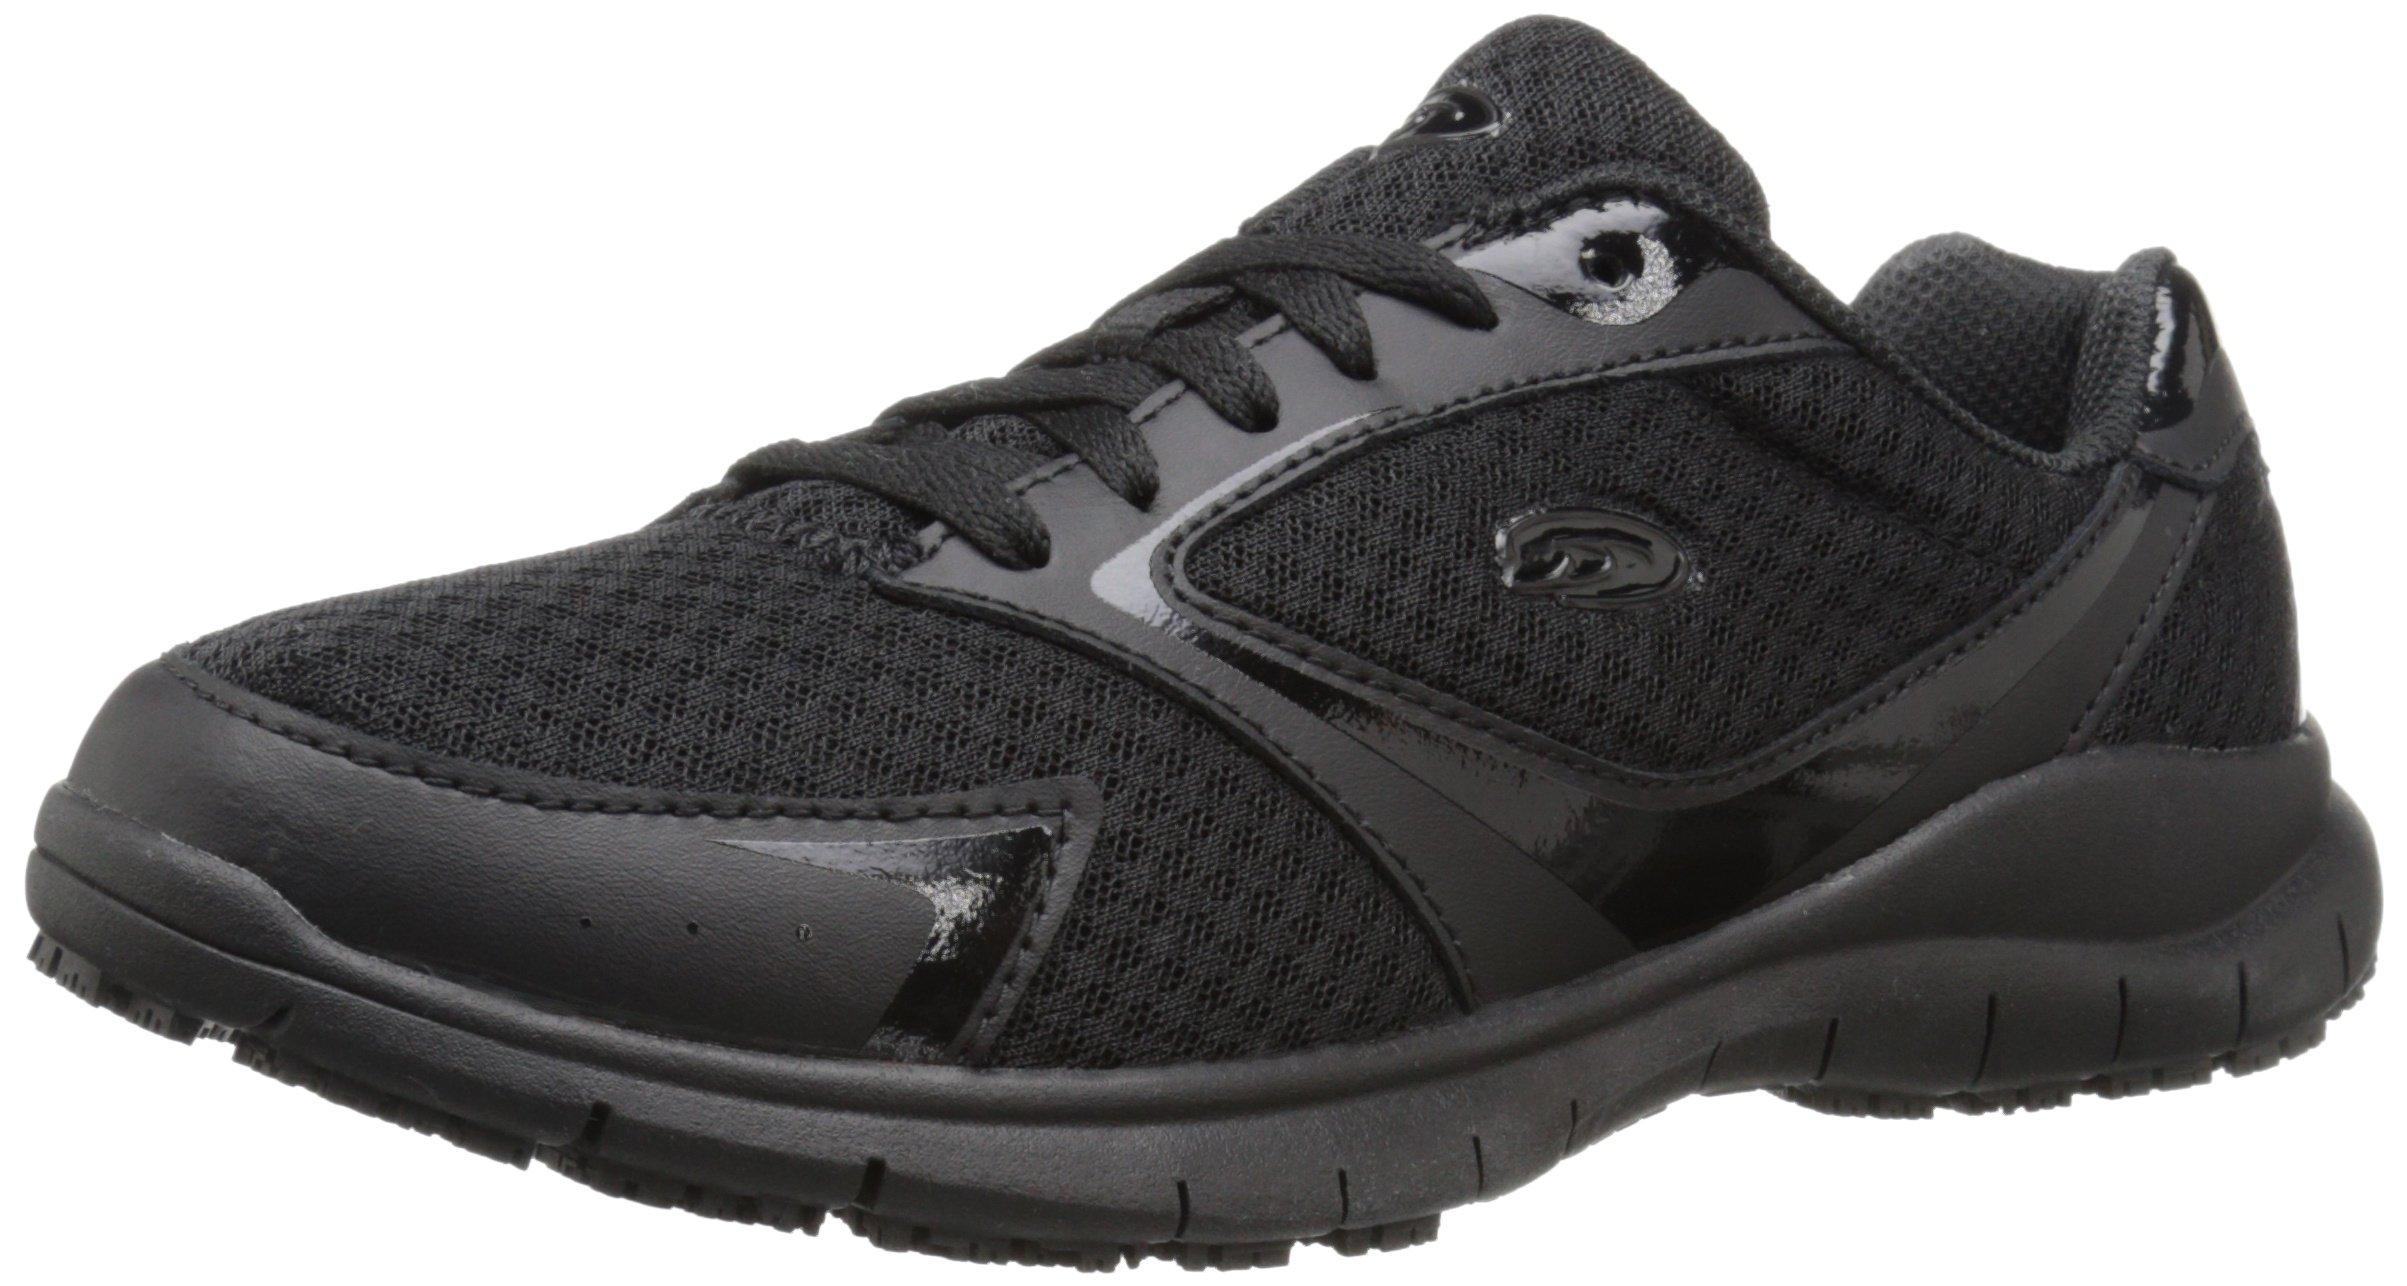 Dr. Scholl's Shoes Women's Inhale-W, Black, 7.5 M US by Dr. Scholl's Shoes